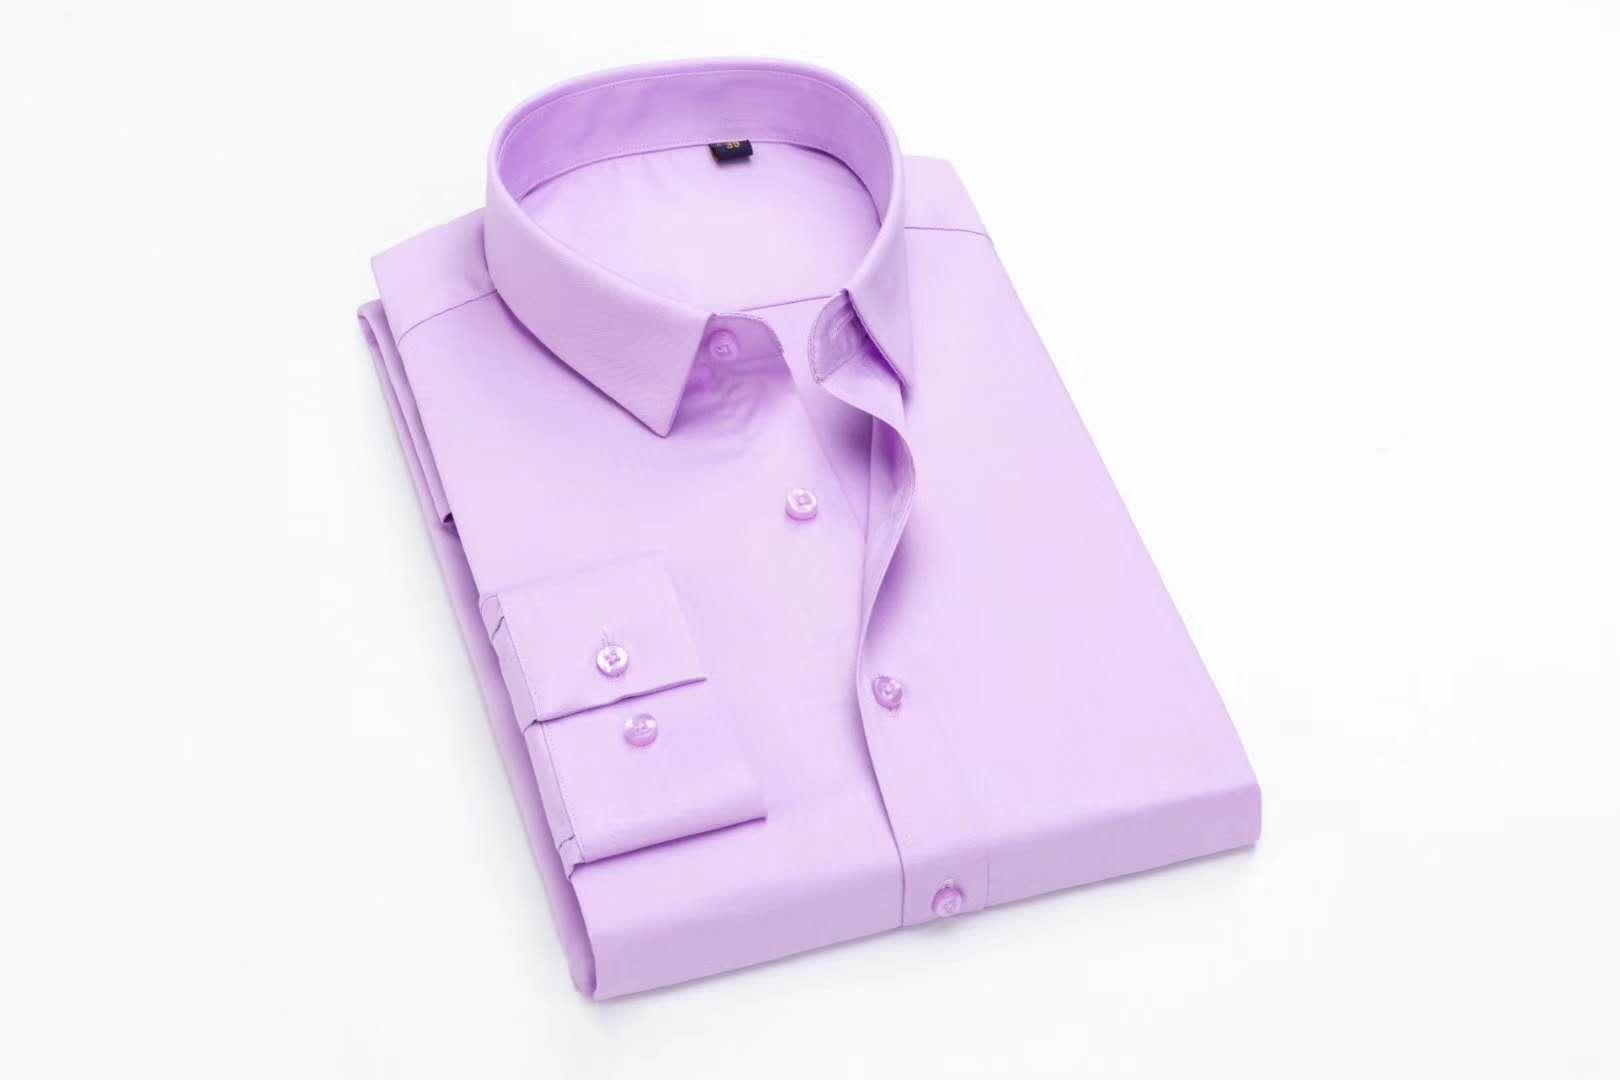 工廠襯衫貨真價實「深圳市雅泰爾服飾供應」